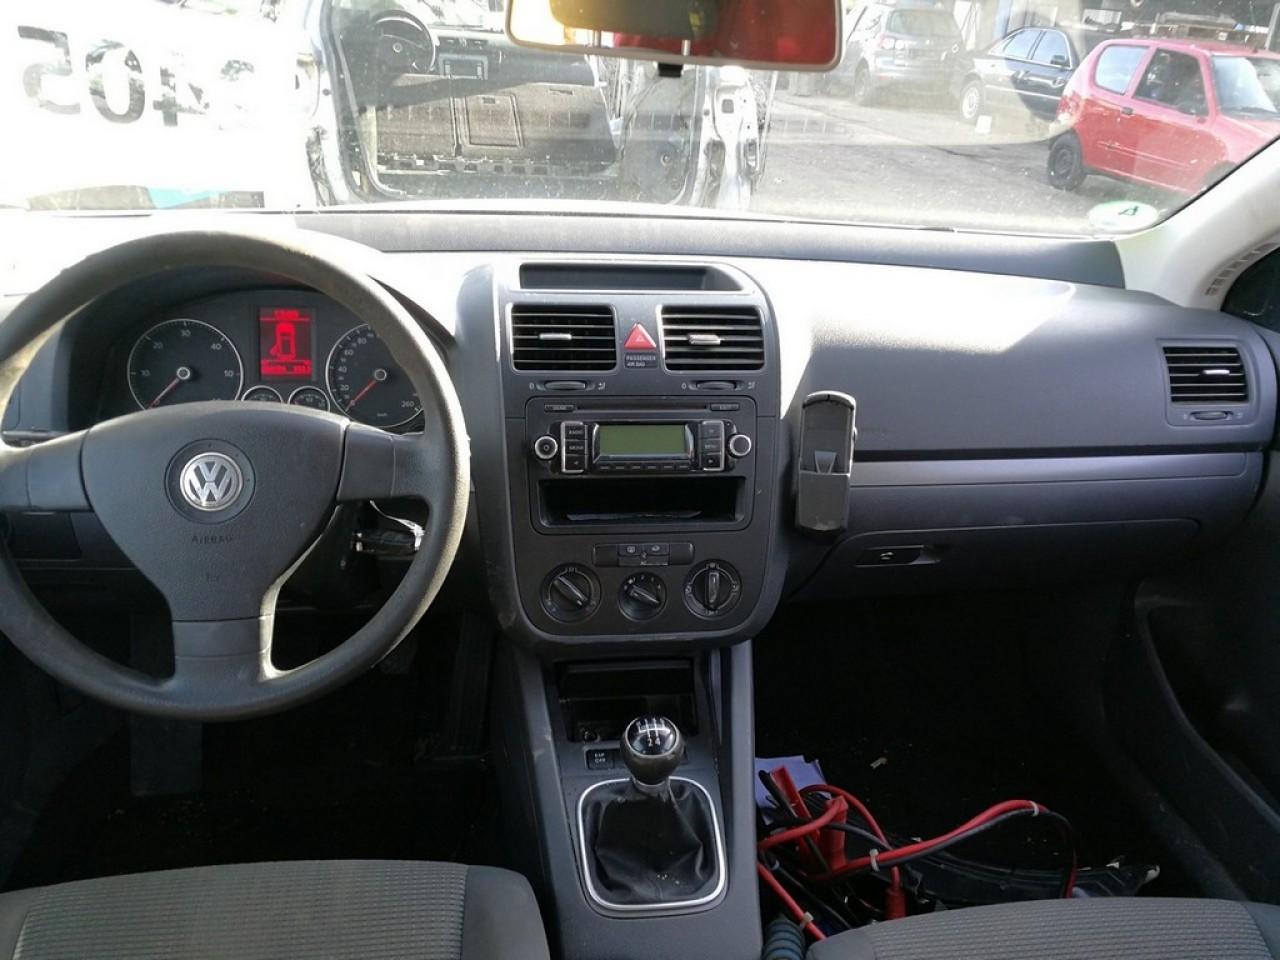 Piese second-hand pentru Volkswagen Golf 5